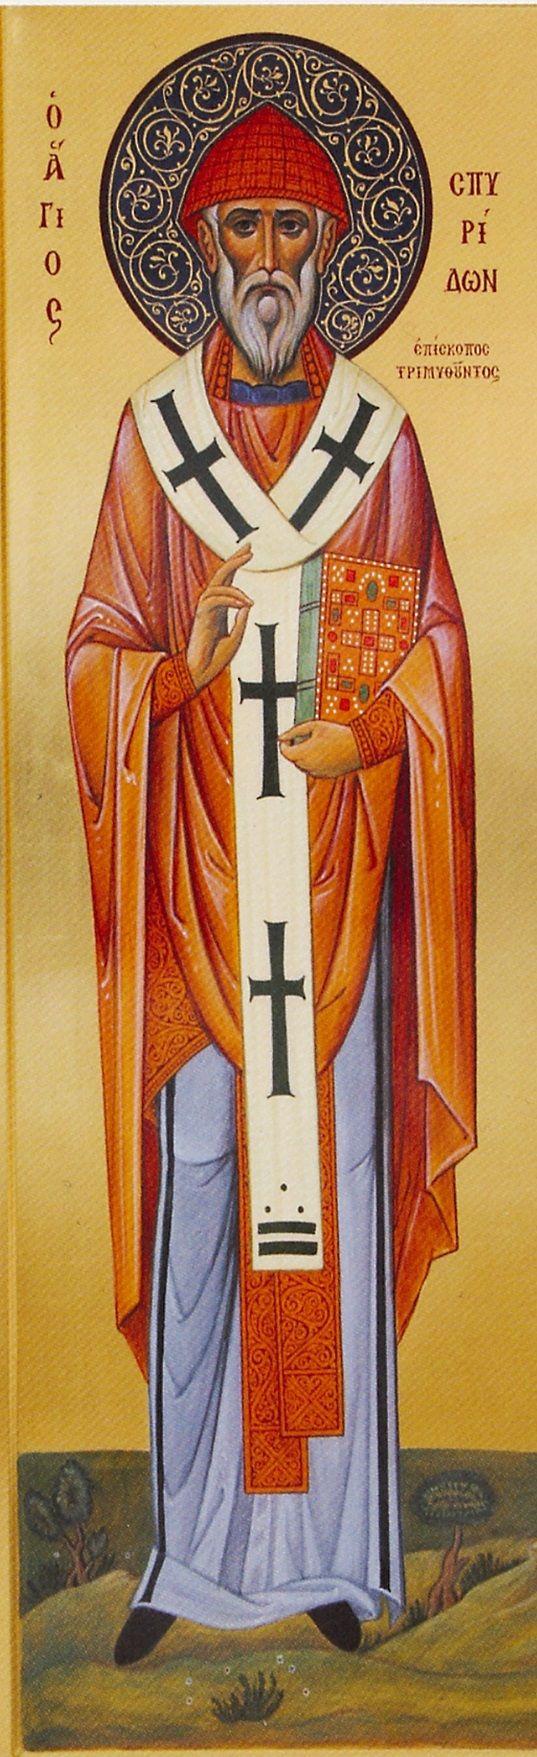 Αγ.Σπυριδων Ο Θαυματουργος, Επισκοπος Τριμυθουντος Κυπρου (270 - 350)___dec 12